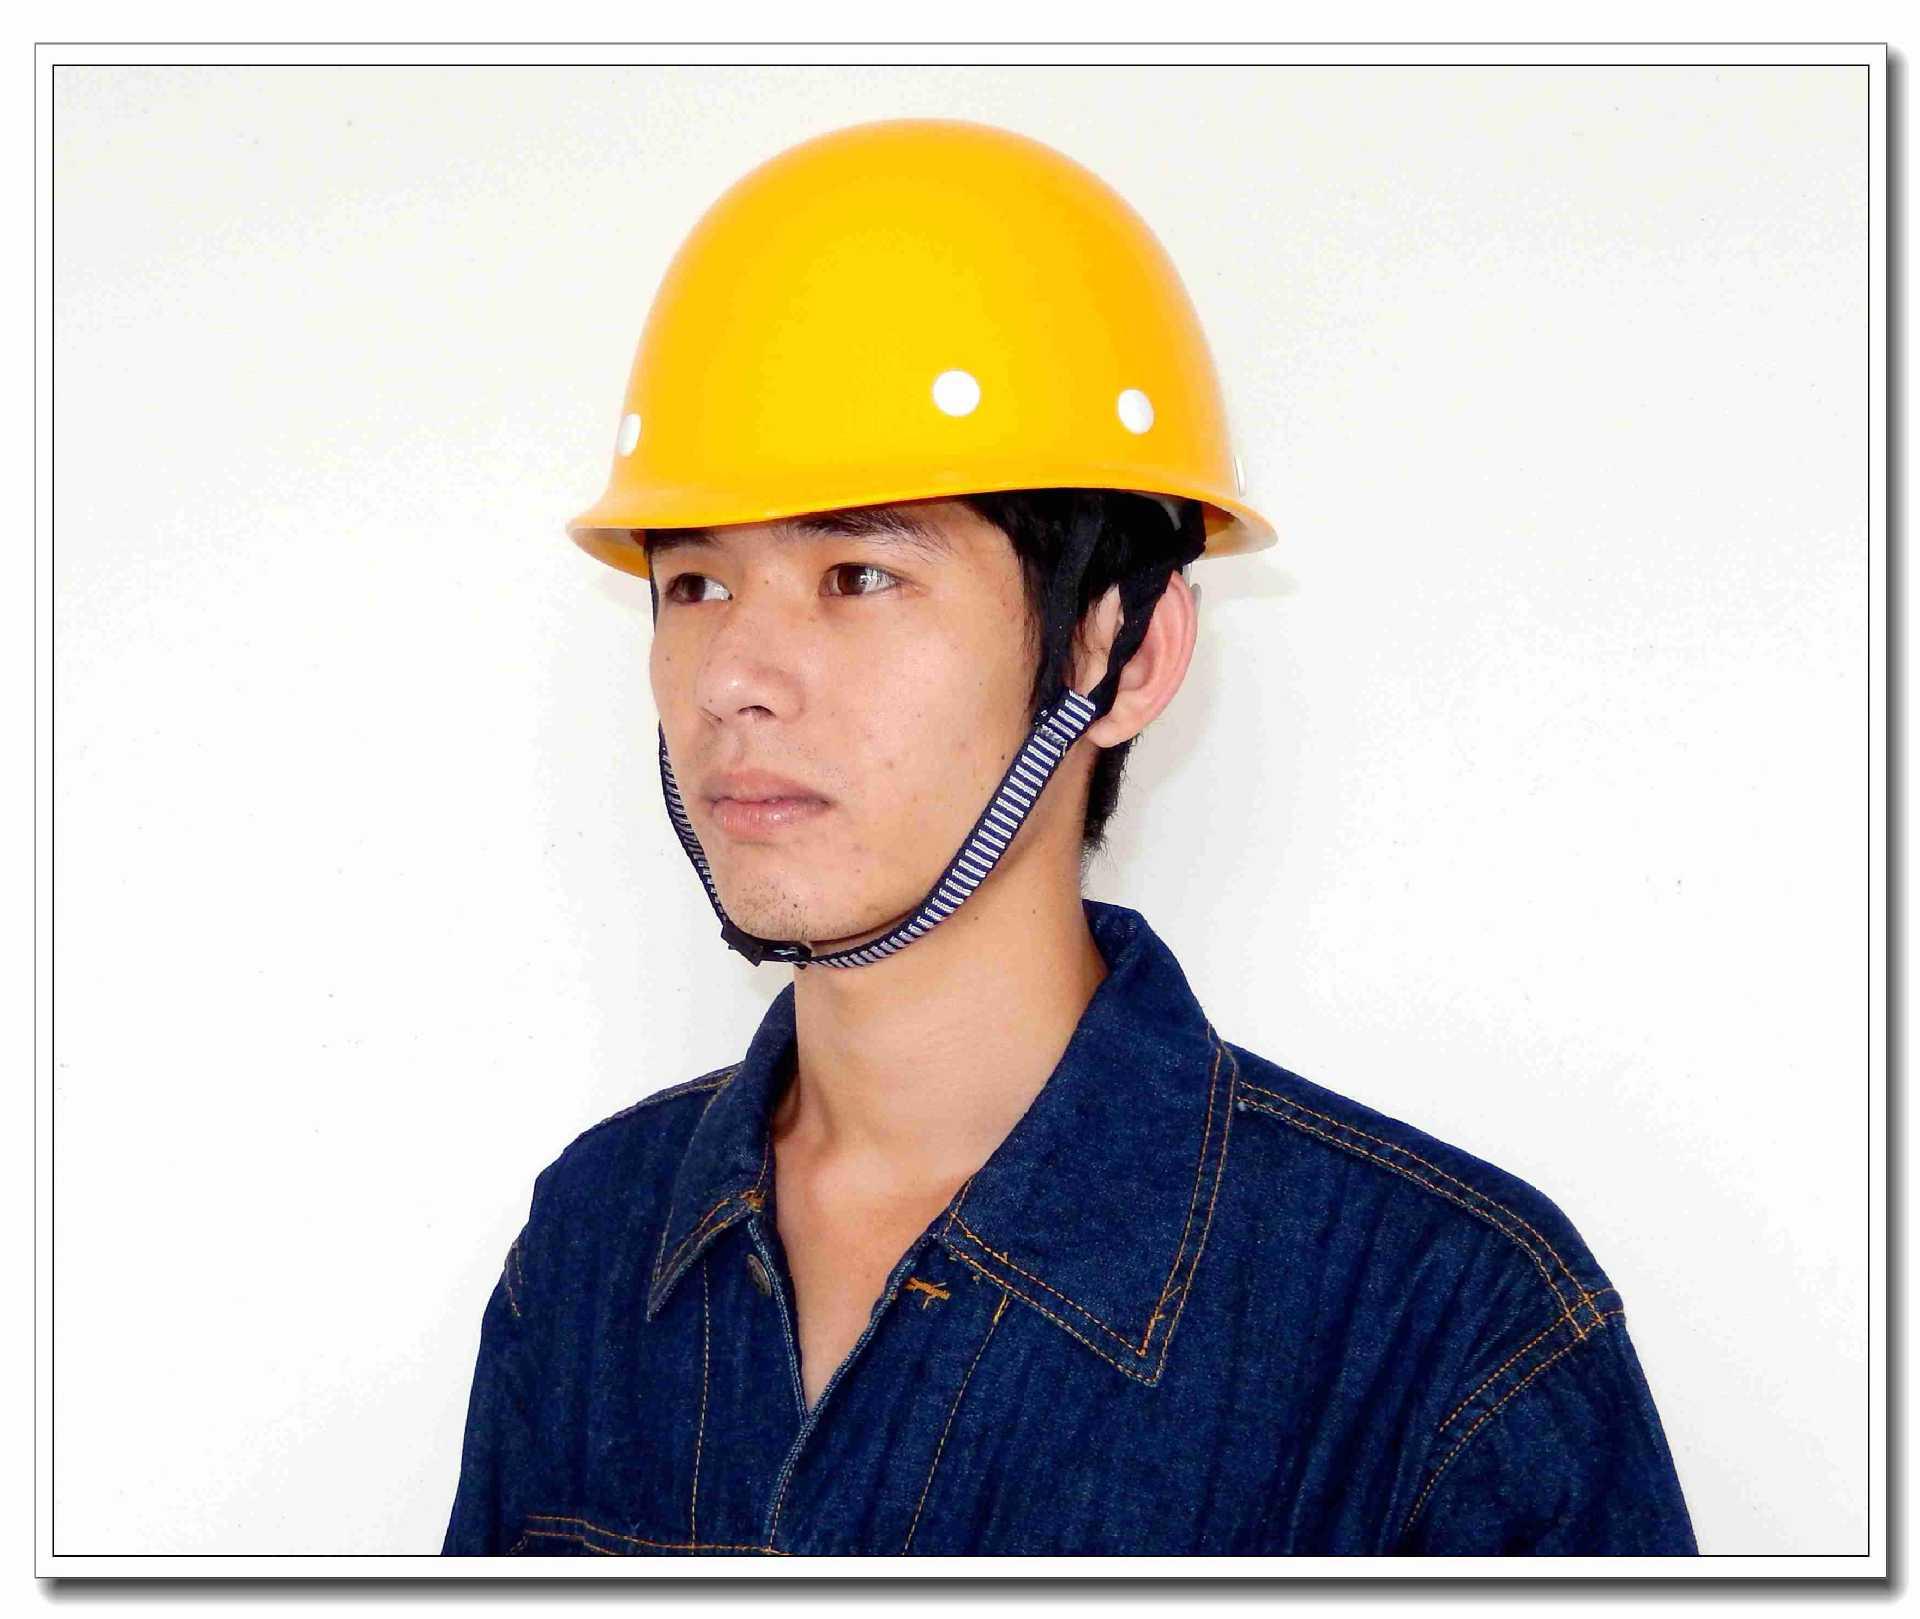 禄美玻璃钢安全帽 抗冲击工地工程帽 防砸帽 可加印字 防护